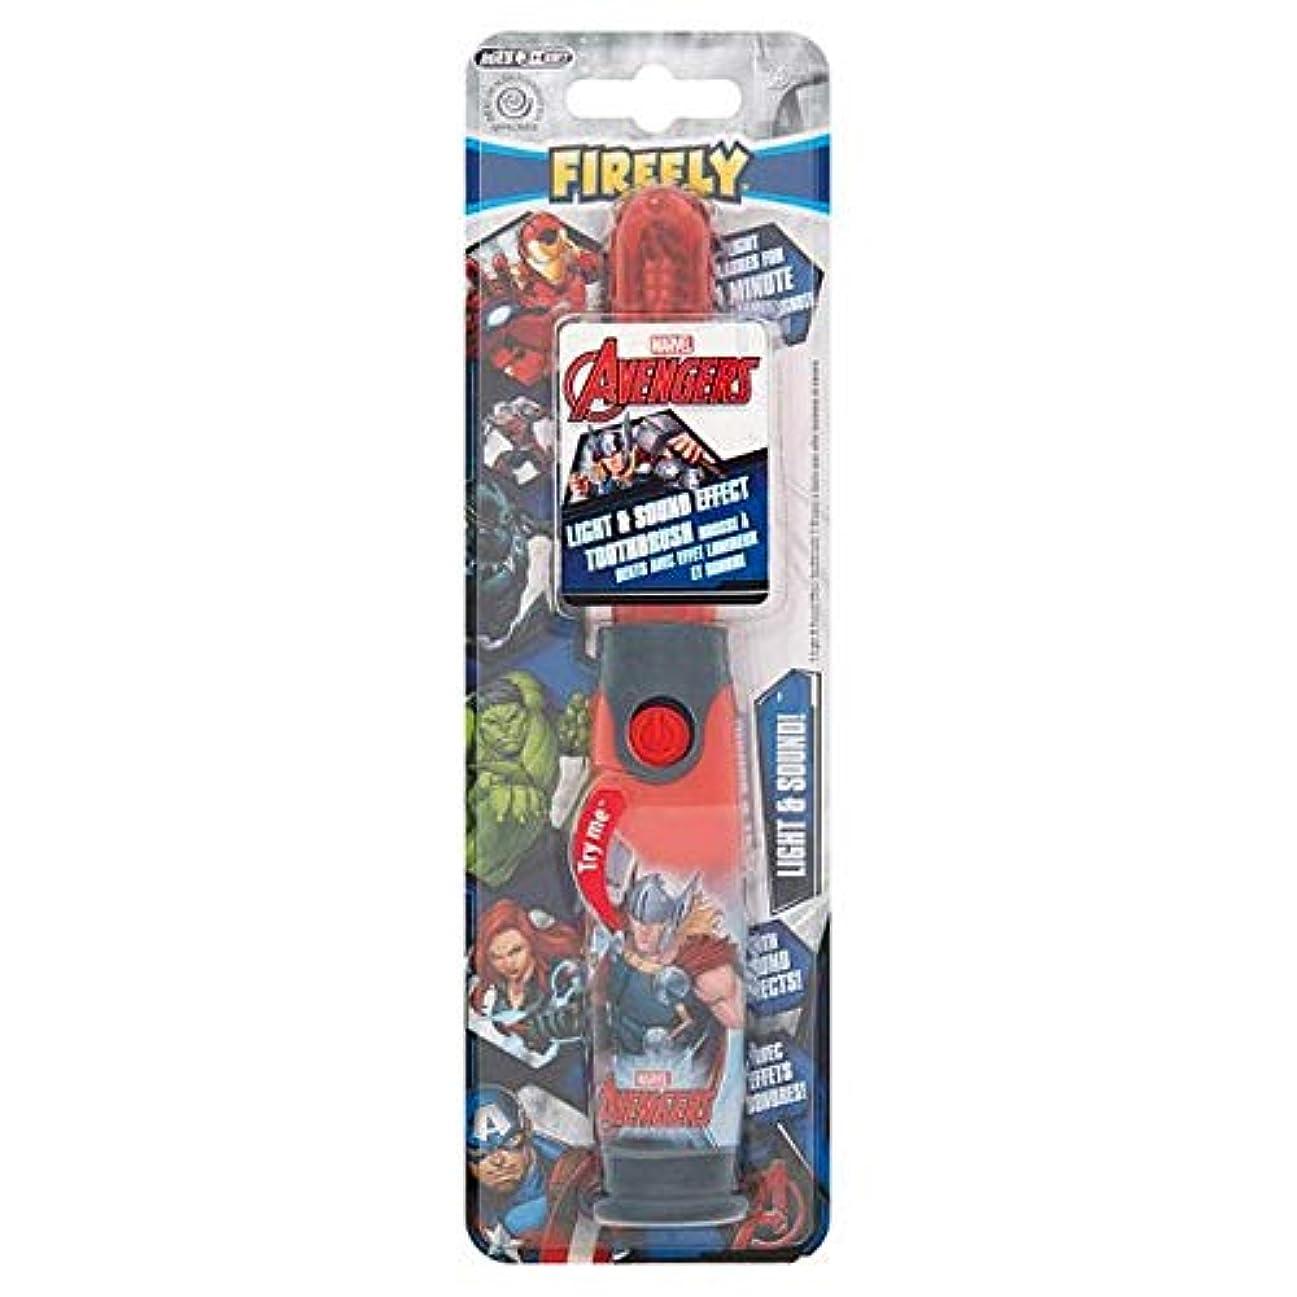 レディドライブ略す[Firefly ] アベンジャーズホタルの光と音の歯ブラシ - Avengers Firefly Light And Sound Toothbrush [並行輸入品]